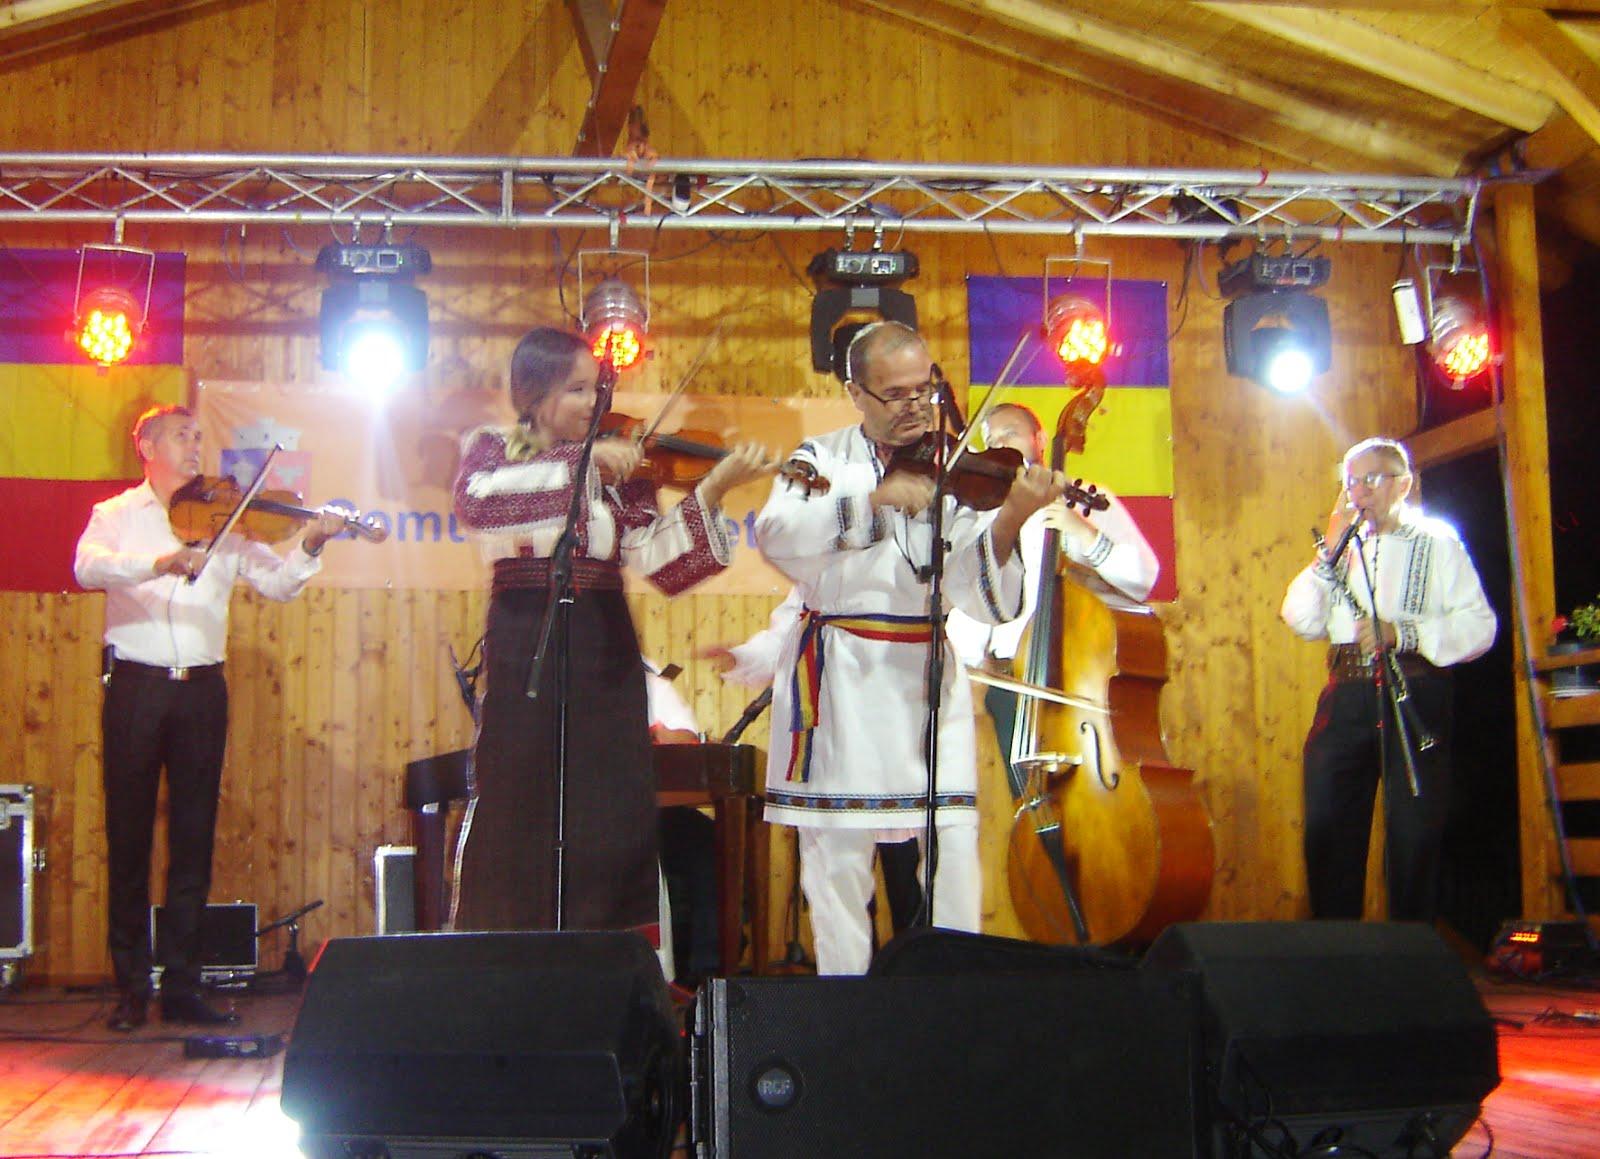 Maestrul Ioan Morar și violonista Alina Tăslăvan, la Subcetate: 20 august 2017